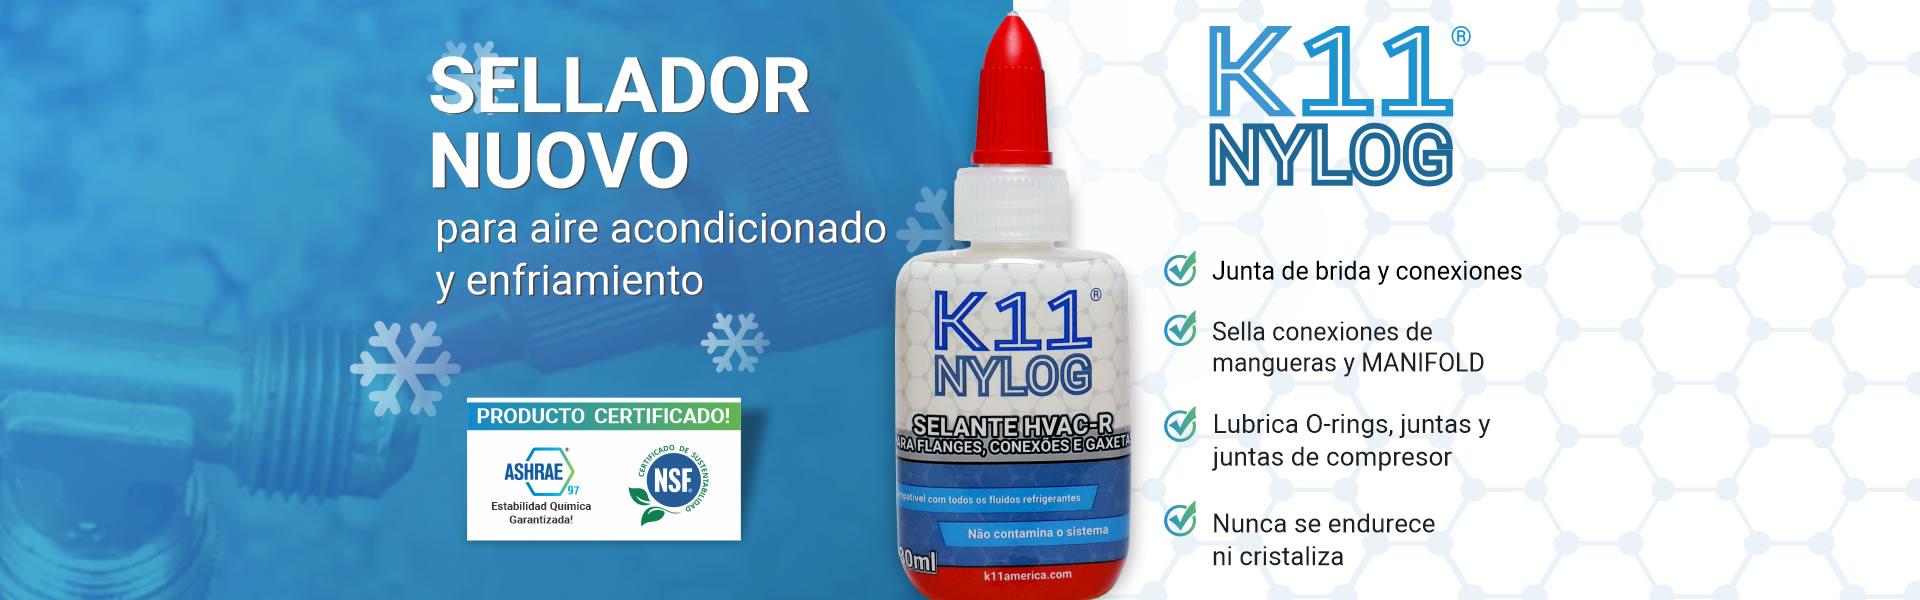 K11 NYLOG